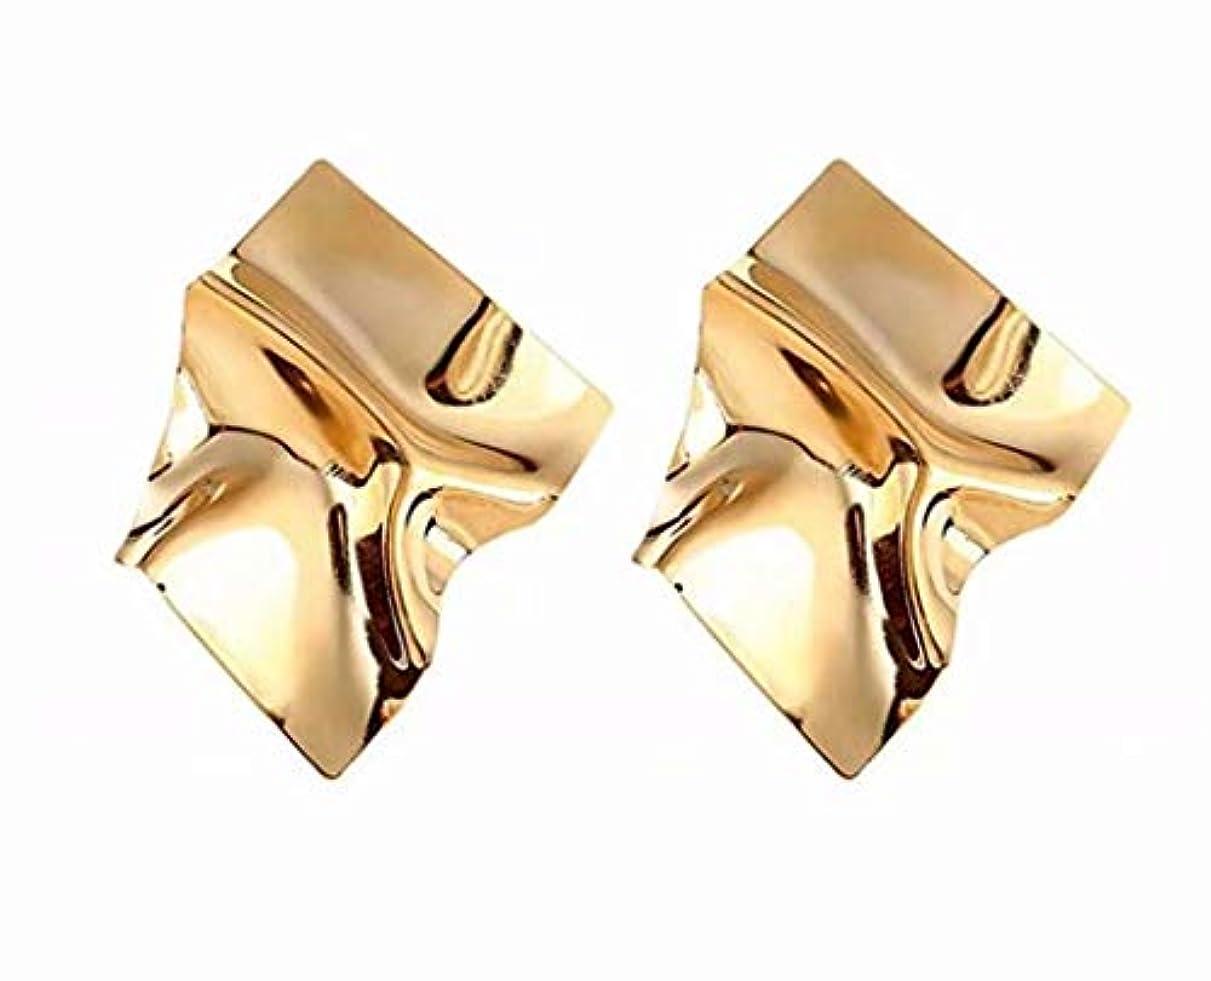 正当化する資本告白七里の香 幾何学的な不規則なミラードロップイヤリングギフトのための金メッキスタッドイヤリング